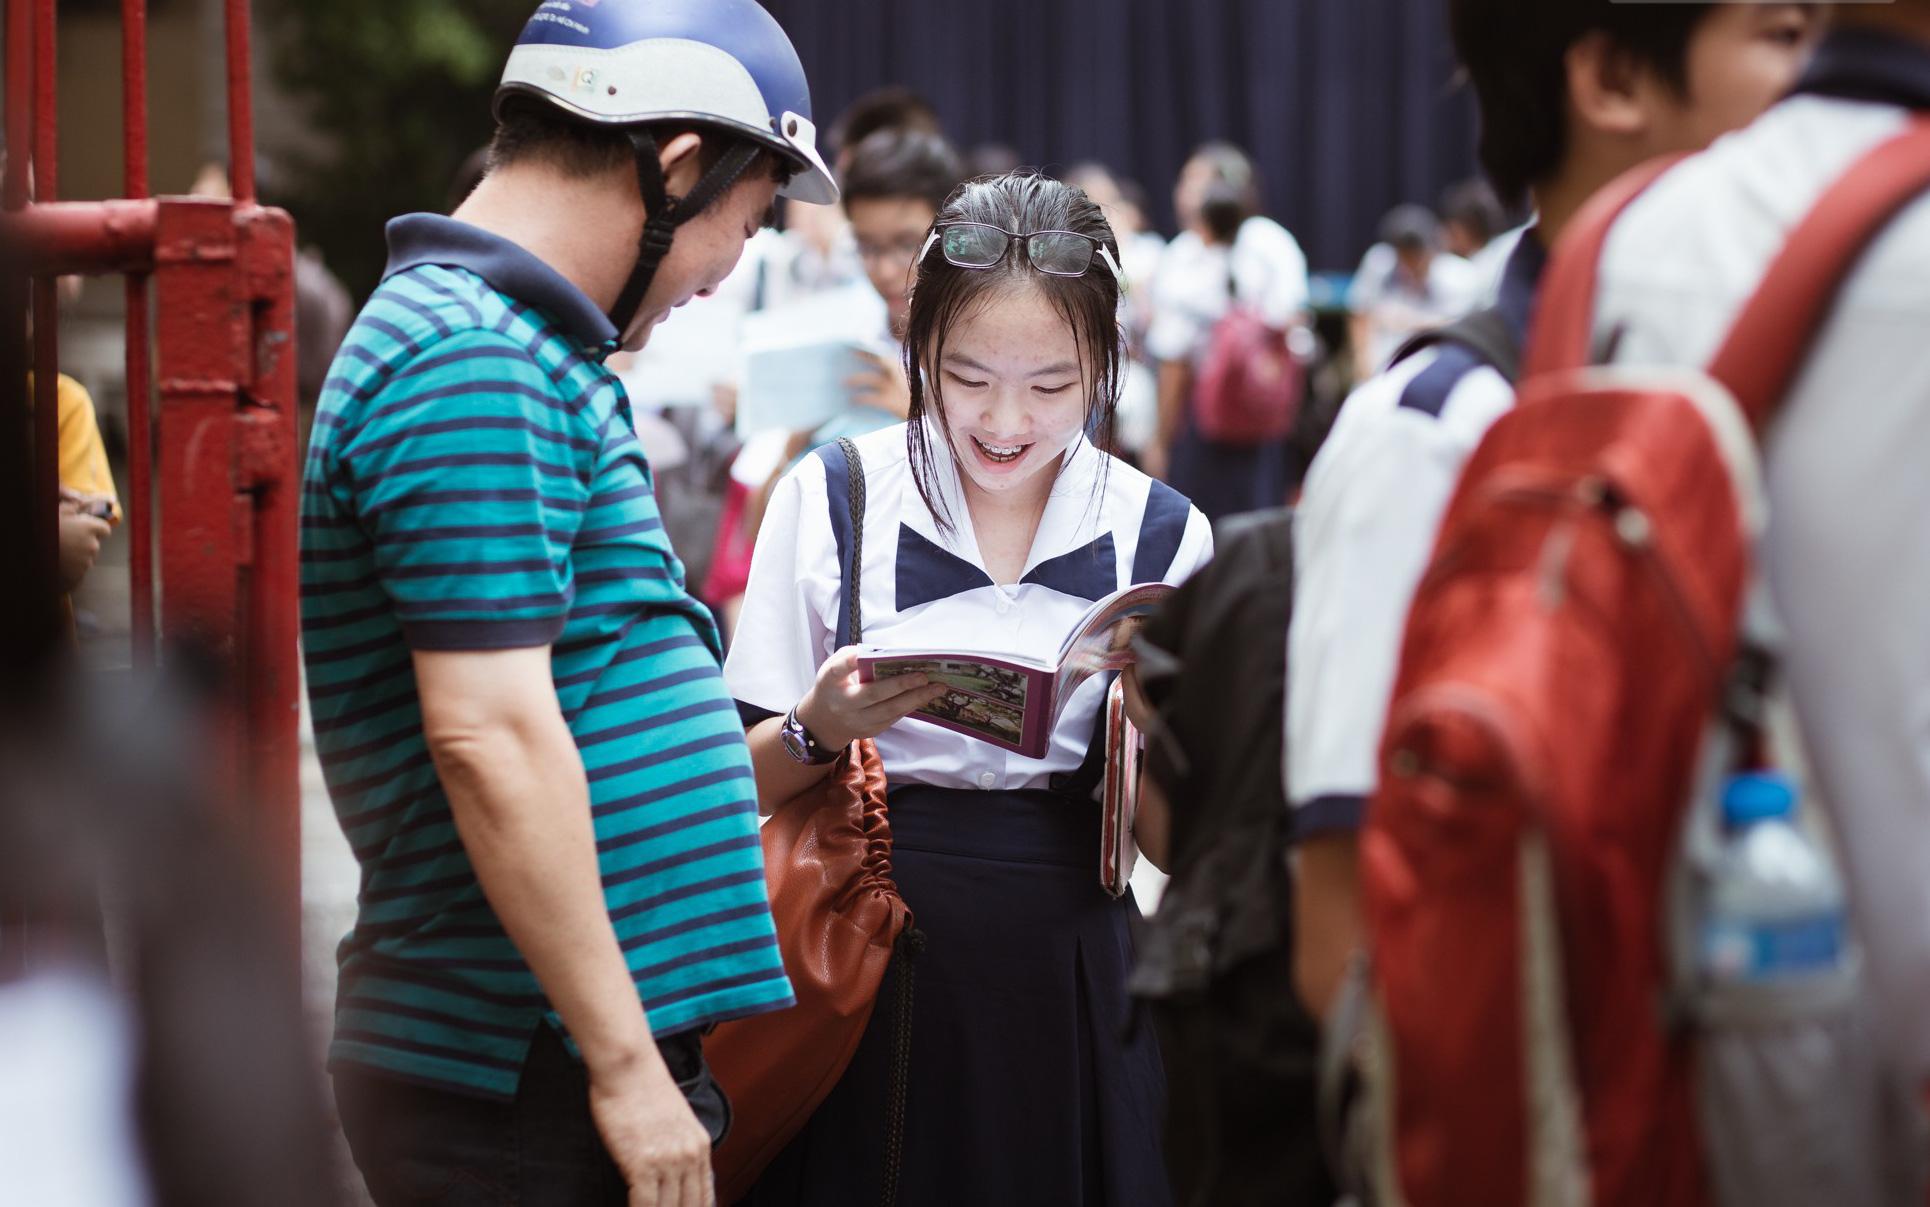 Cập nhật lịch thi vào lớp 10 của 63 tỉnh thành: Nơi dời đến tháng 8, nơi quyết định xét tuyển